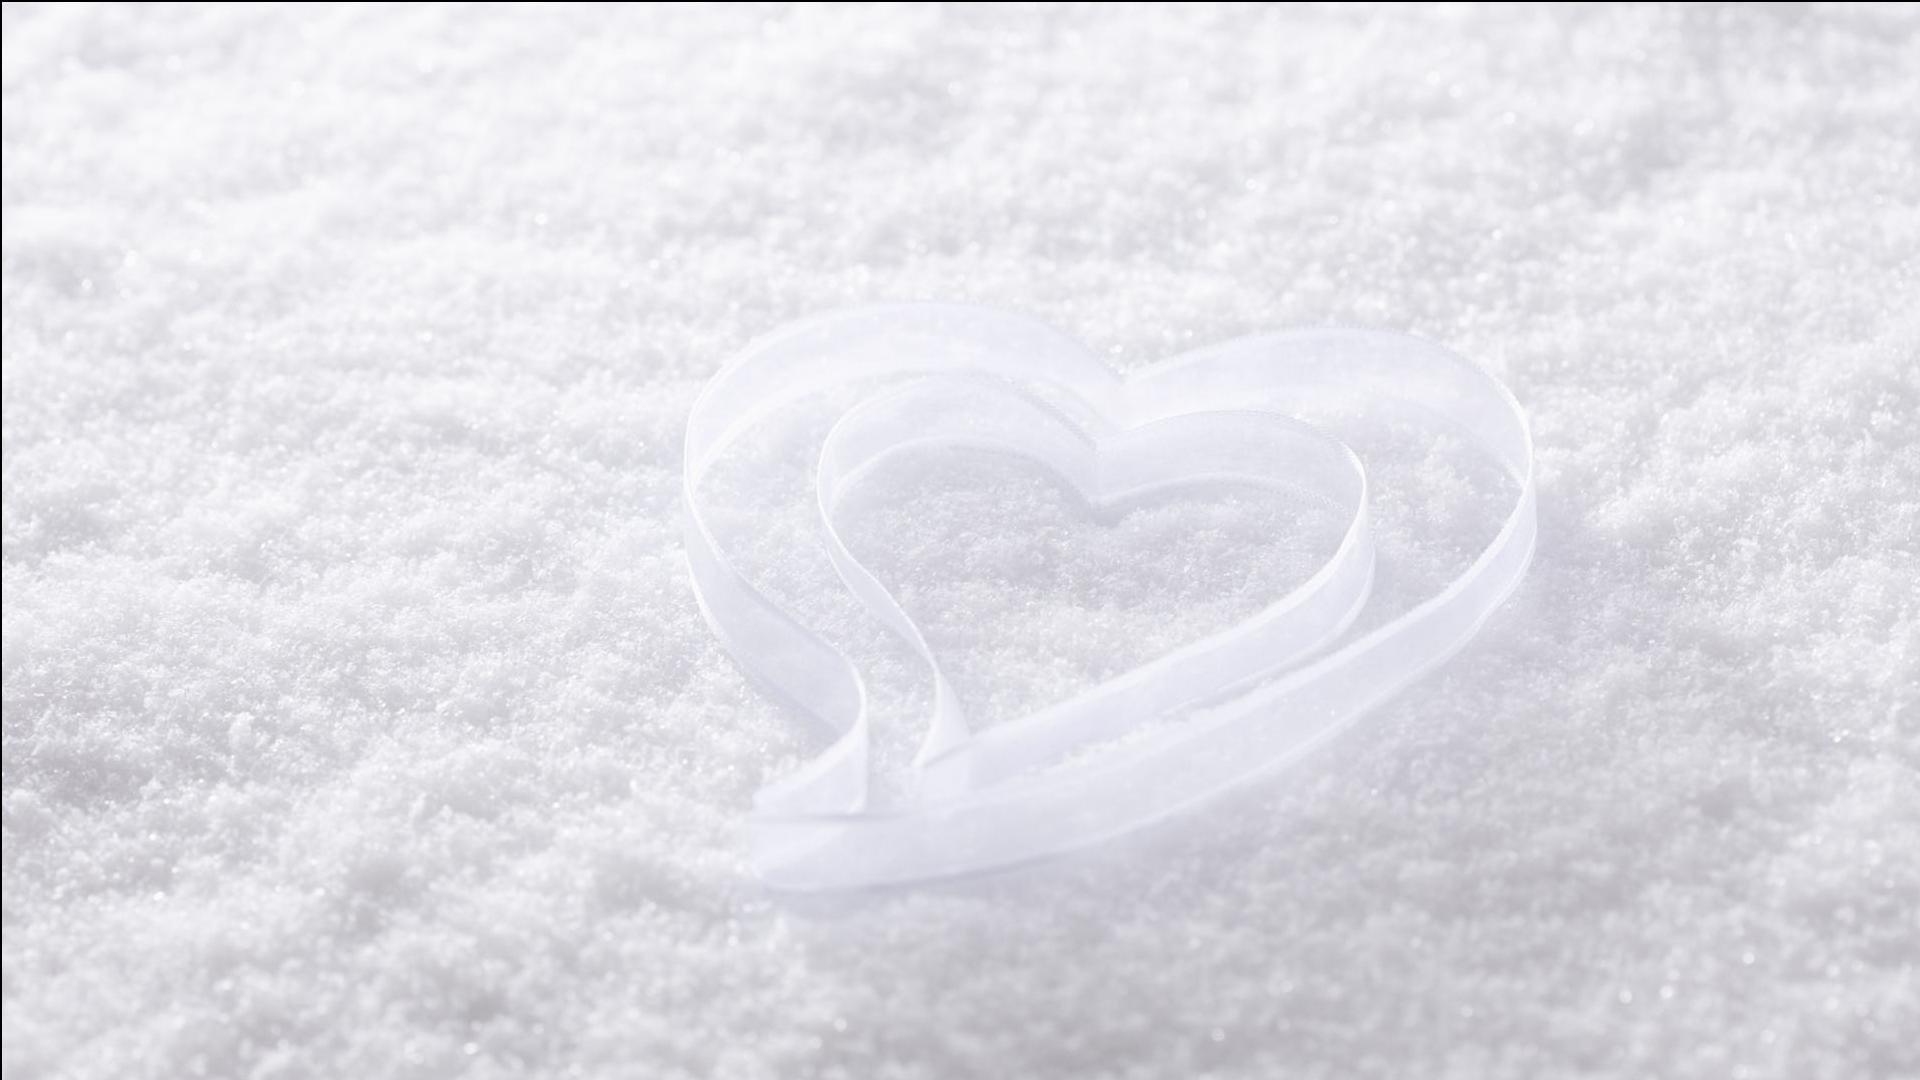 首页 ppt背景 淡雅ppt背景图片 > 唯美纯白浪漫爱心ppt背景图片  素材